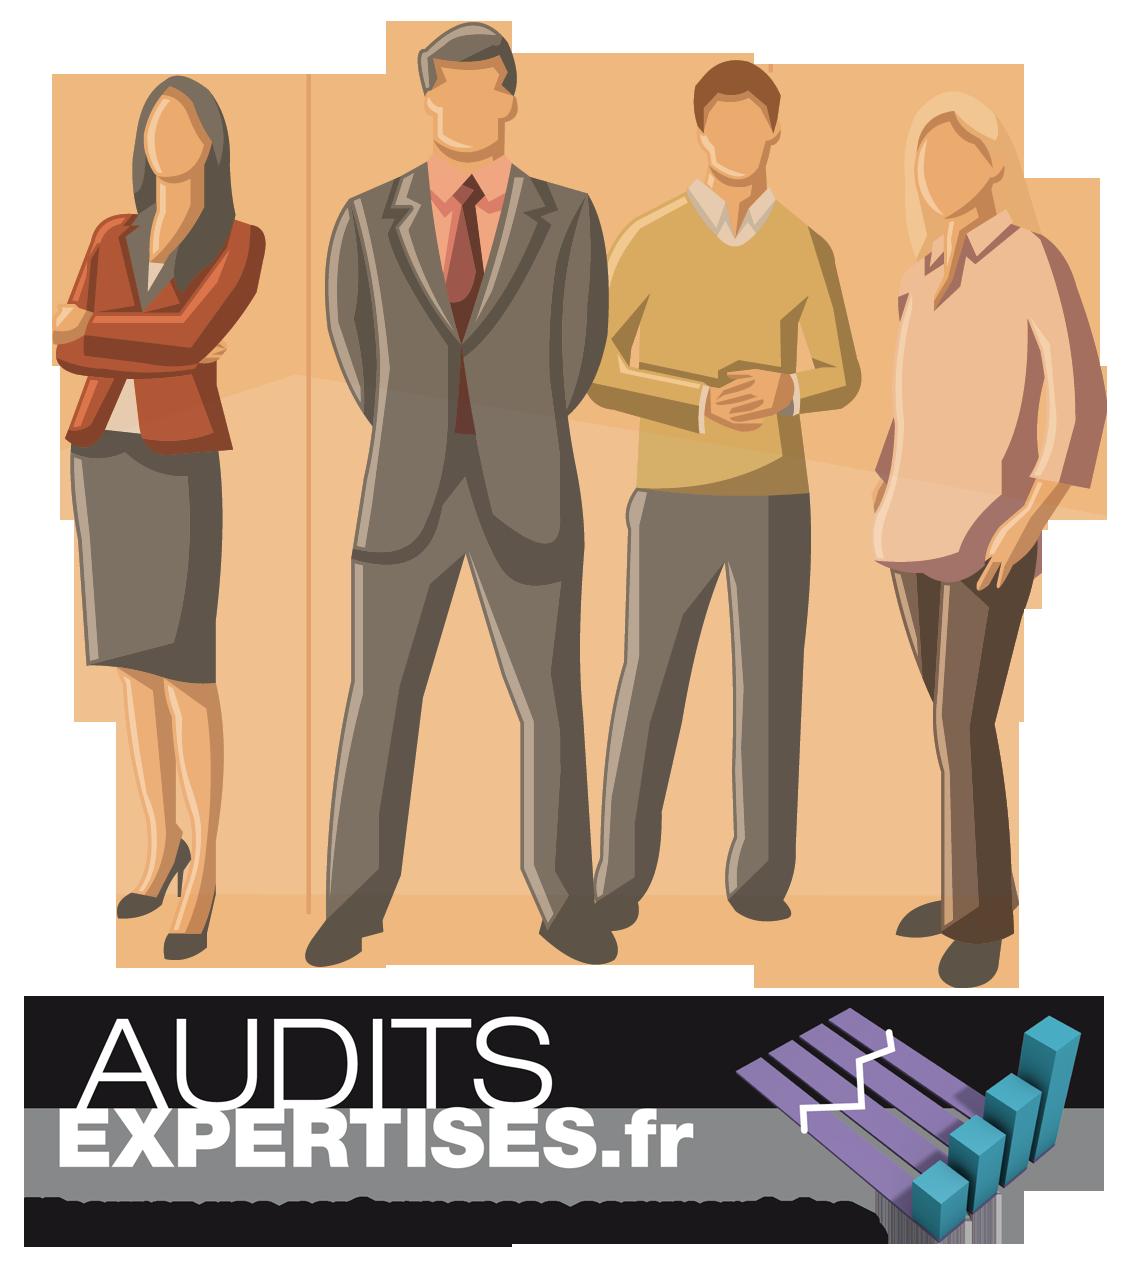 équipe audits expertises